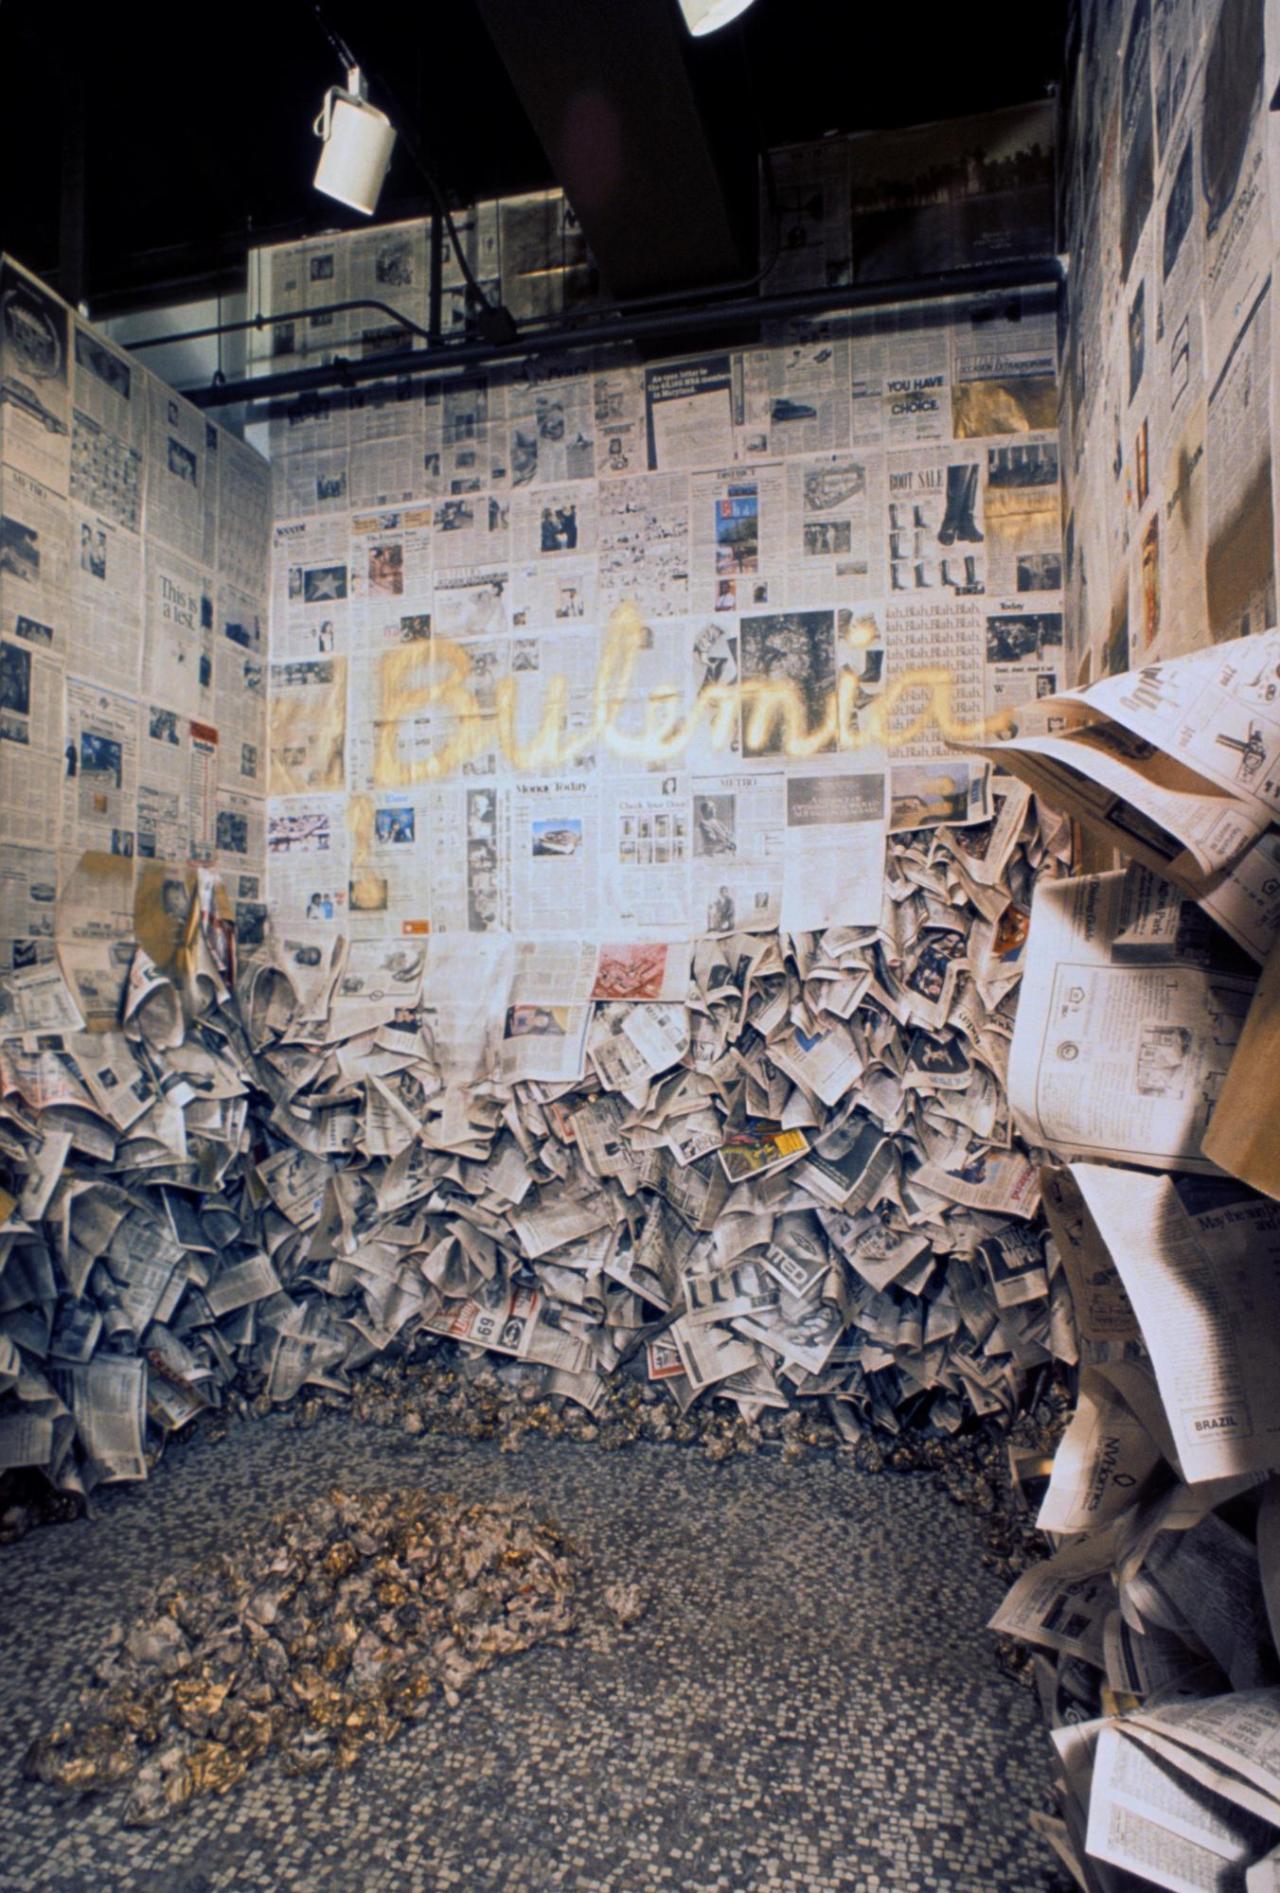 Senga Nengudi, Bulemia , 1988 Installation: Zeitungspapier, Sprühlack Photo: Howard Ehrenfeld. Courtesy: Howard Ehrenfeld